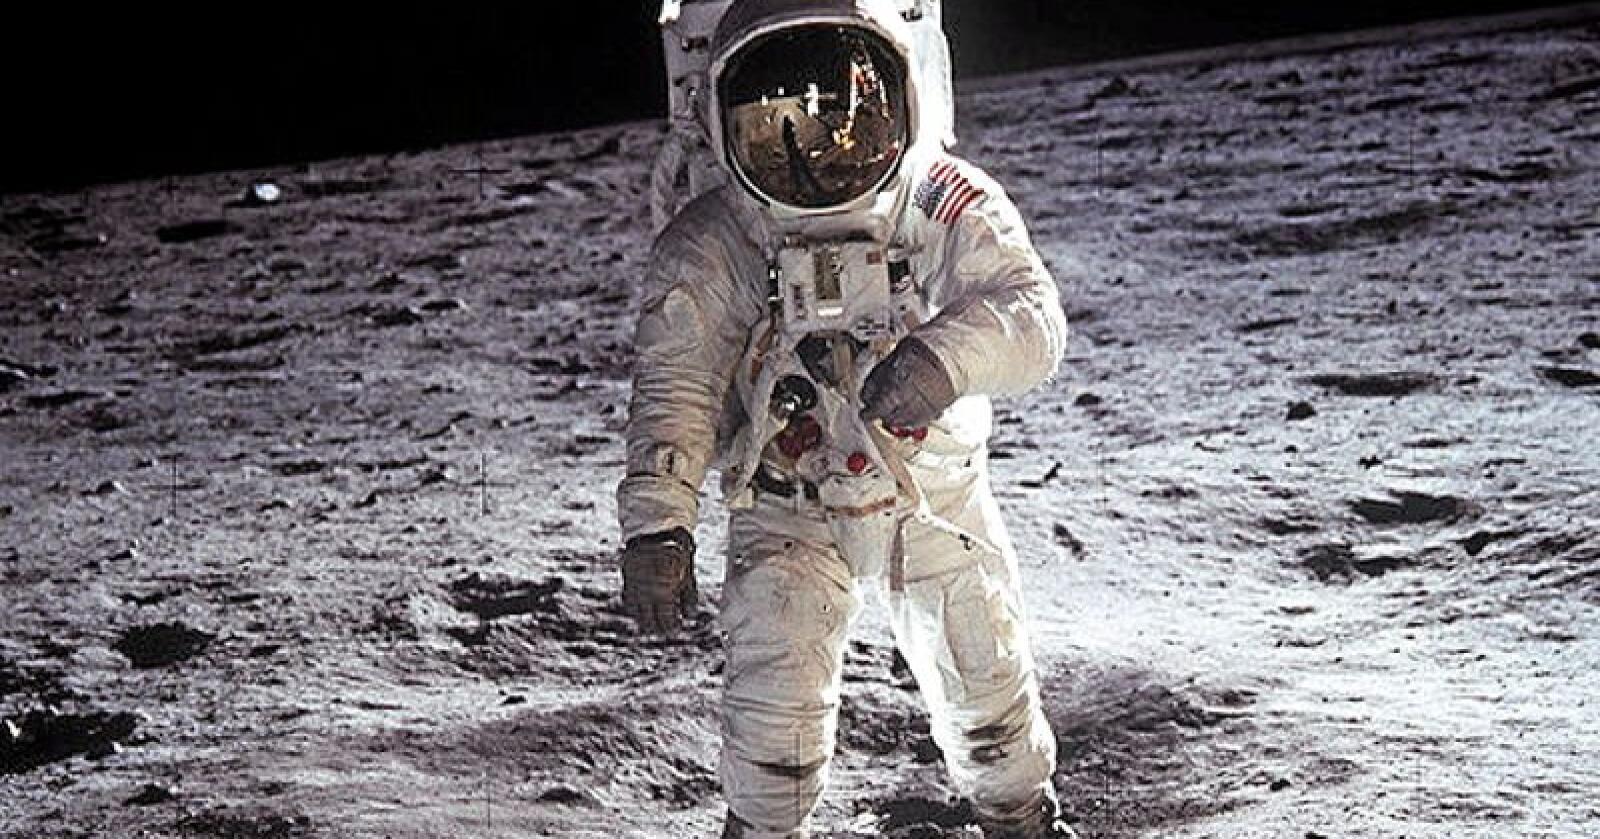 Ikke på månen?: En velkjent konspirasjonsteori er at Buzz Aldrin og Neil Armstrong aldri var på månen, men at bildene er forfalsket. Foto: Neil A. Armstrong / Nasa Center Headquarters / NTB scanpix